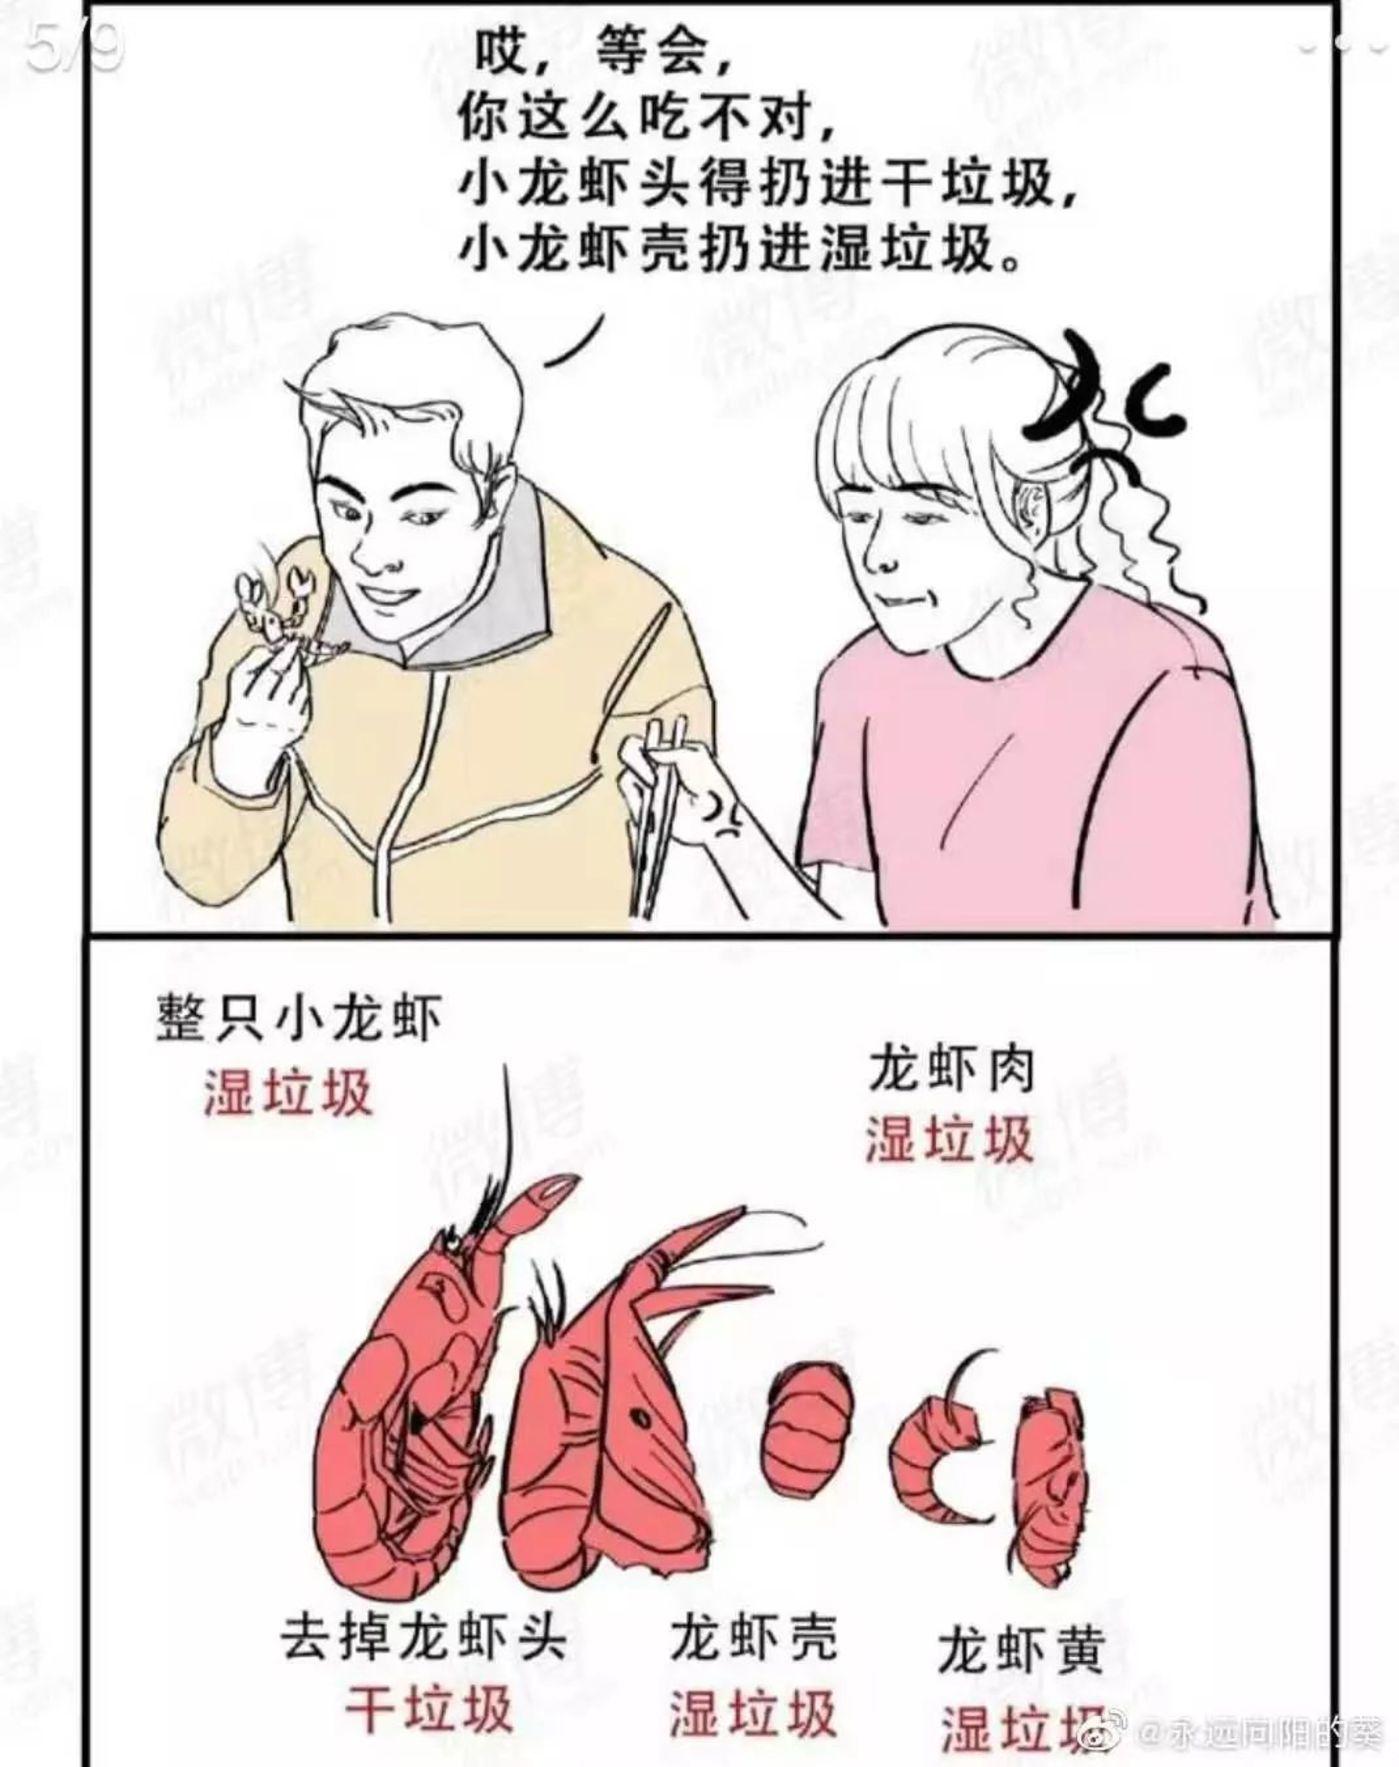 垃圾分类之后:奶茶小龙虾没戒掉,直播和切菜却火了